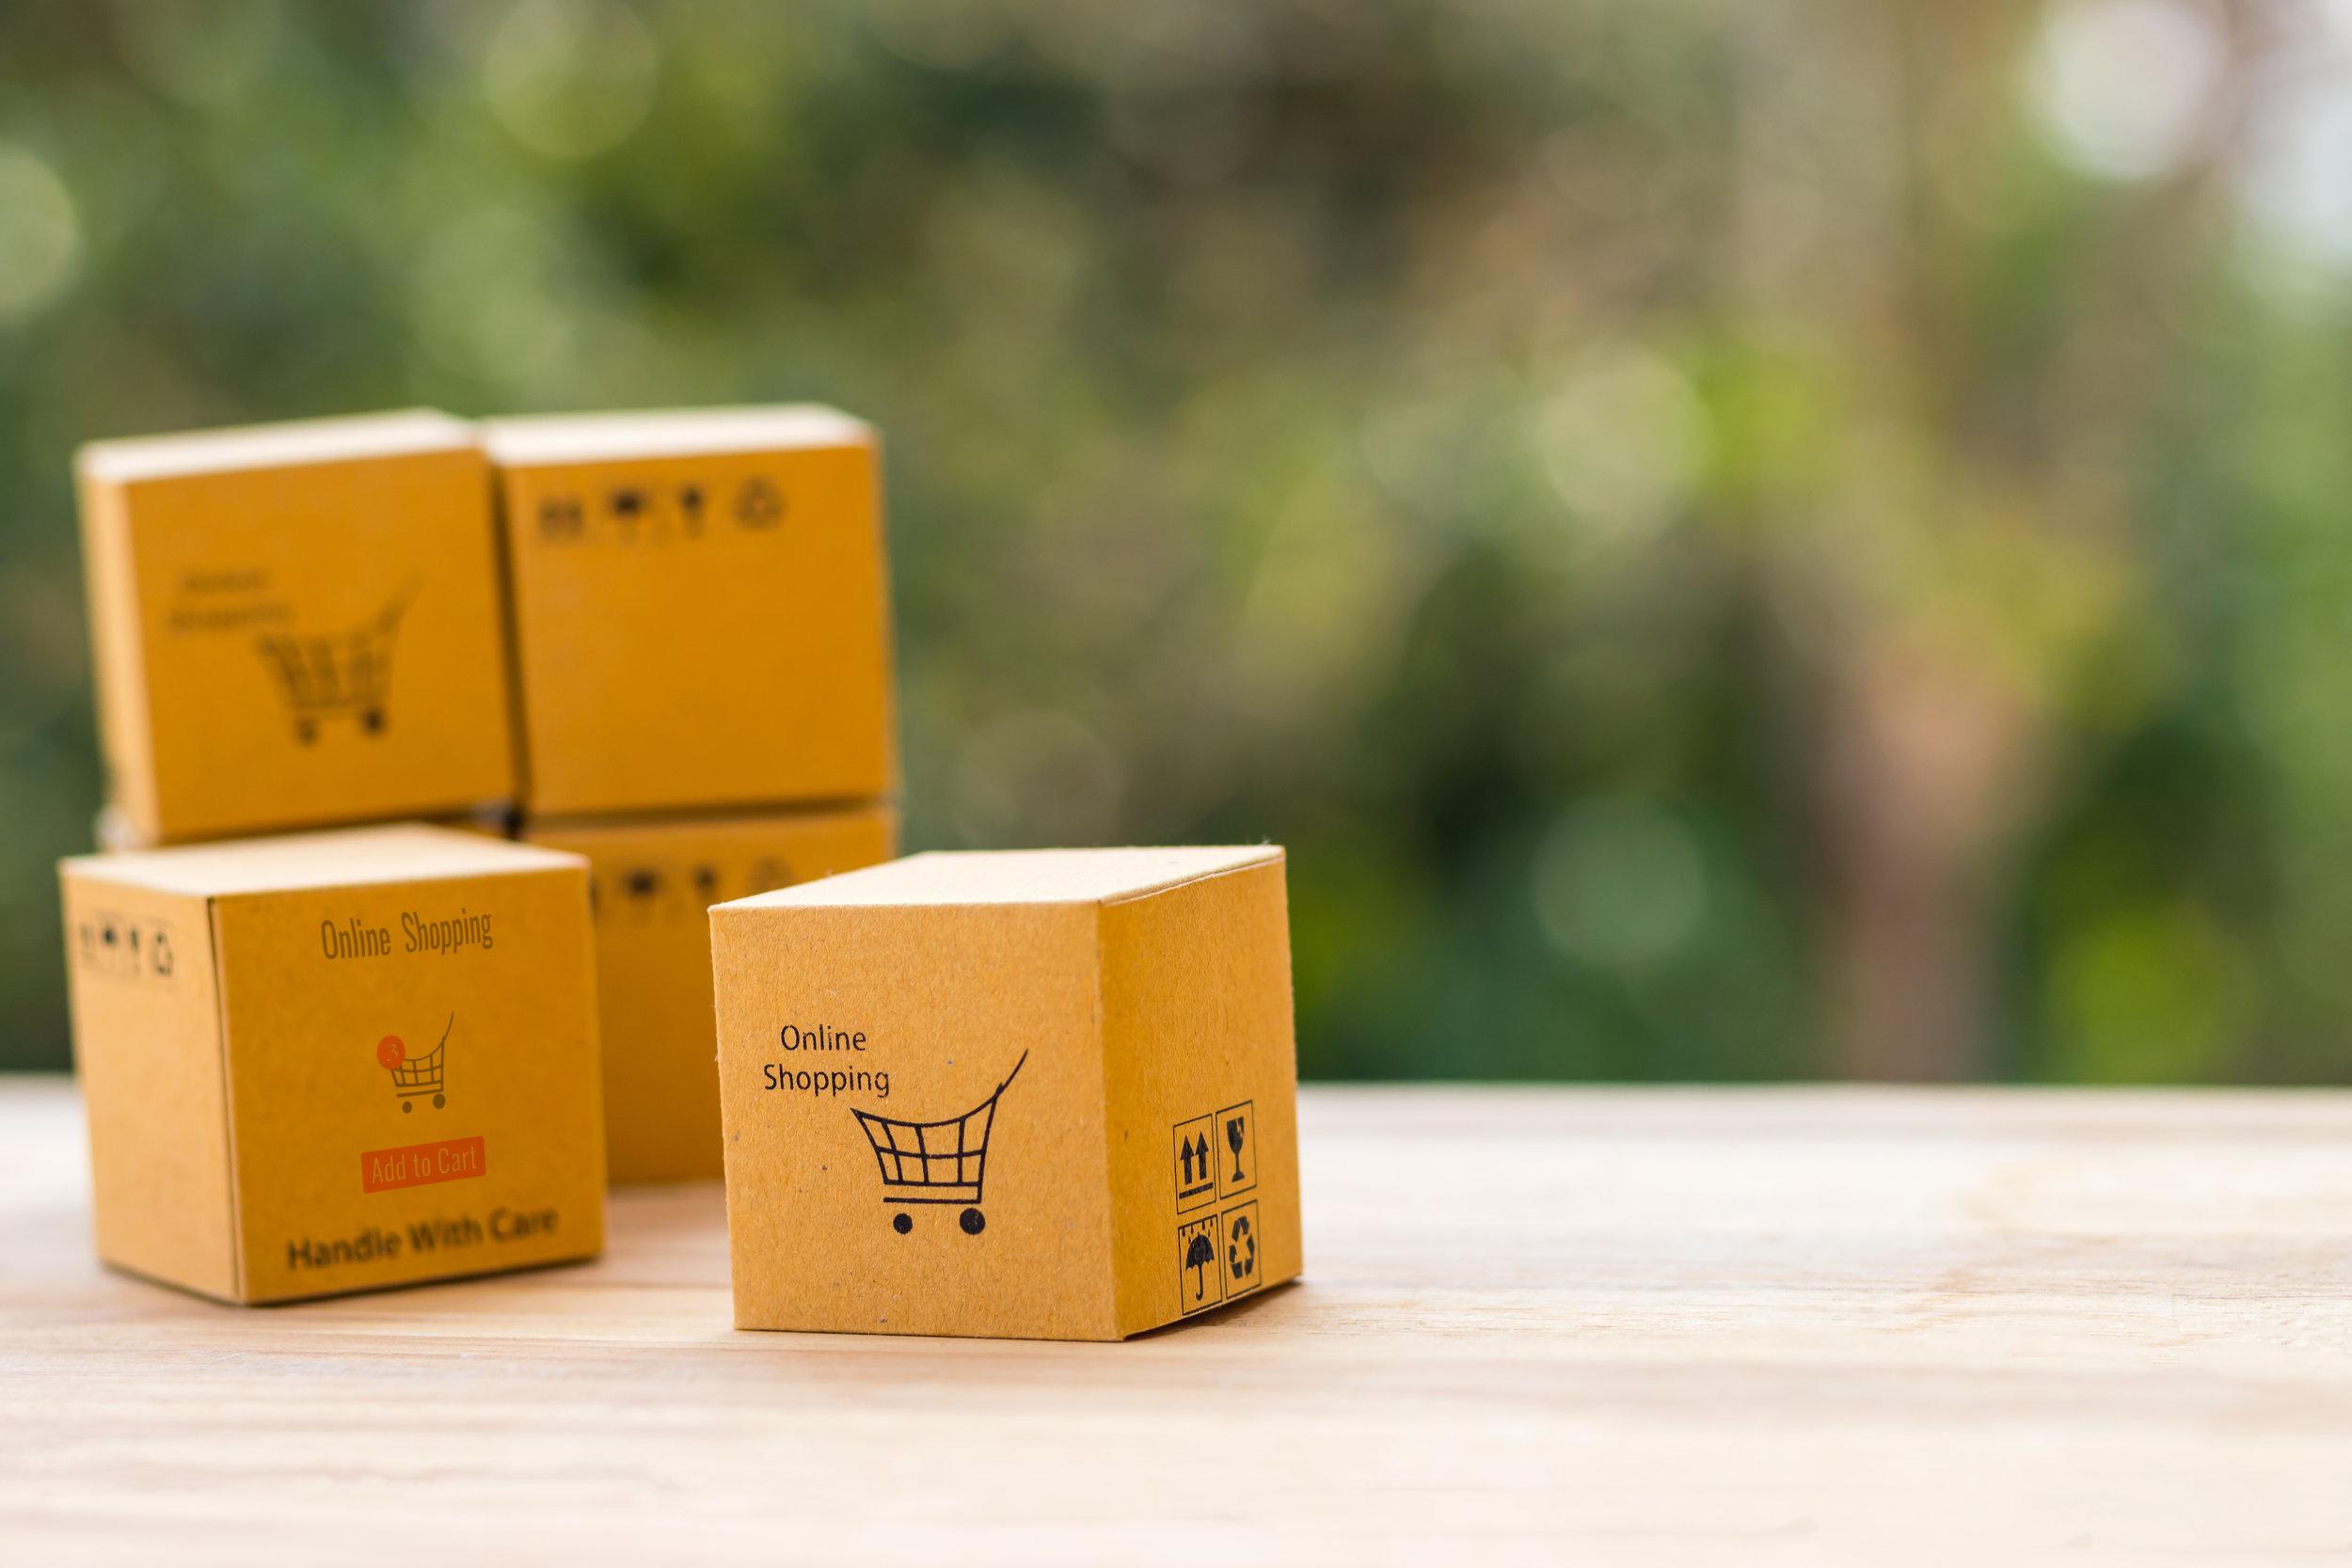 Marktplatz-Paket - Im Fokus unseres Marktplatz Paketes steht die Integration Ihrer Produkte in eCommerce-Portale wie Amazon, Otto und weitere. Wir kümmern uns sowohl um die technische Realisierung der Produktintegration als auch um die Vermarkung Ihrer Produkte über entsprechende Marktplätze. Profitieren Sie von unserer langjährigen Erfahrung und Fachkompetenz im Bereich Portalintegration und maximieren Sie Ihren Erfolg durch den Verkauf Ihrer Produkte über die erfolgreichsten eCommerce-Portale Deutschlands.